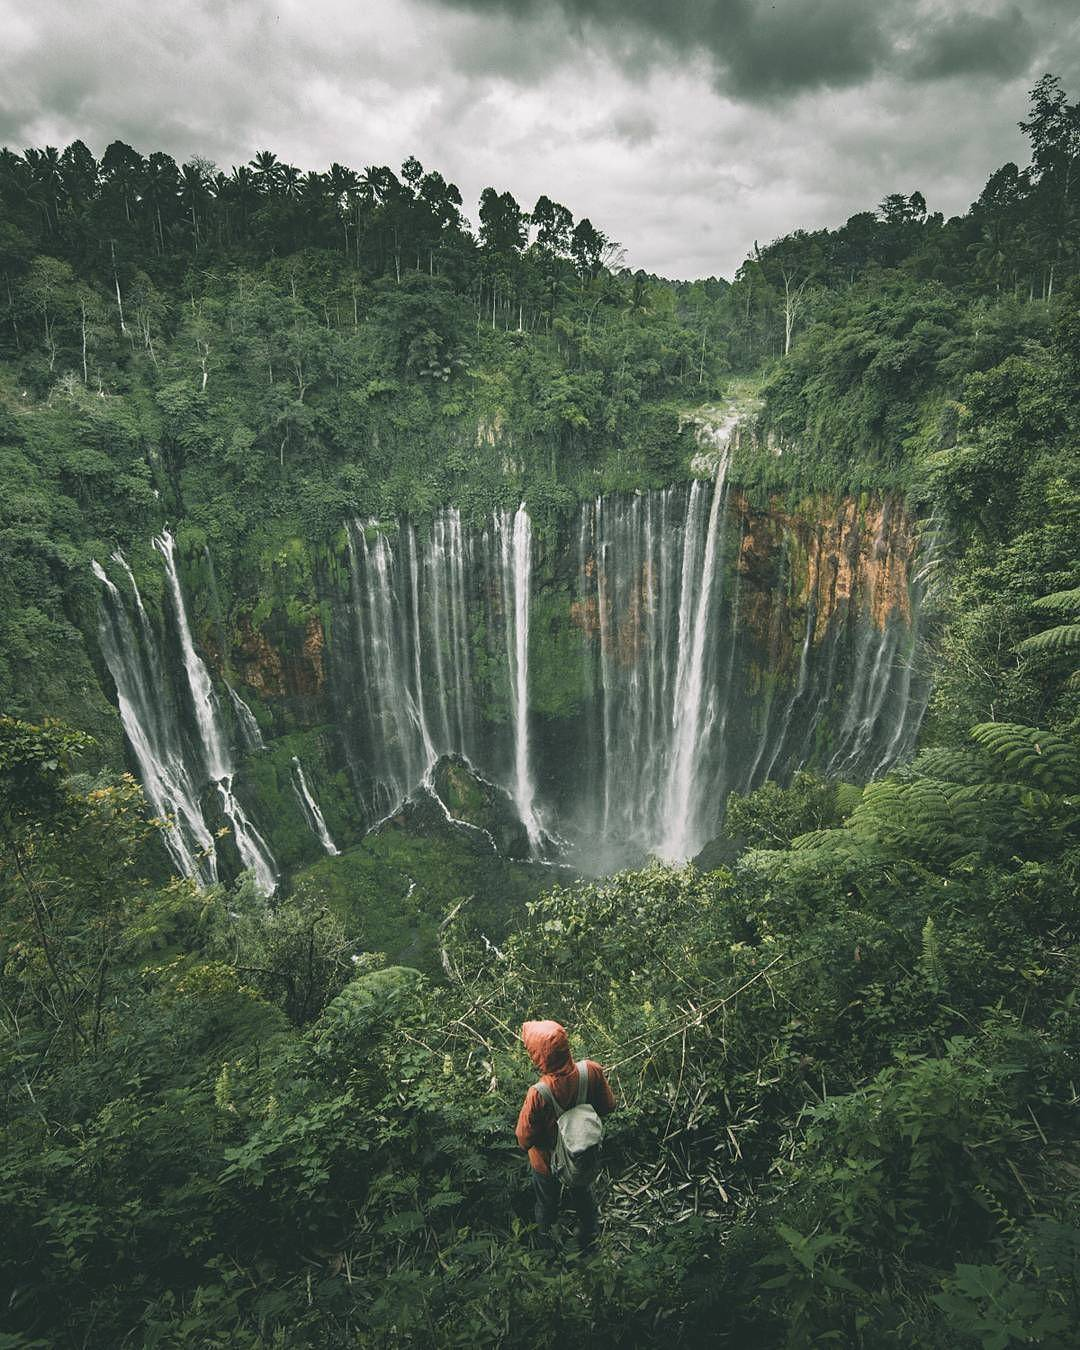 Lokasi Air Terjun Tumpak Sewu, Keunikan Air Terjun Tumpak Sewu Malang, Malang, Dolan Dolen, Dolaners Keunikan Air Terjun Tumpak Sewu via roes - Dolan Dolen